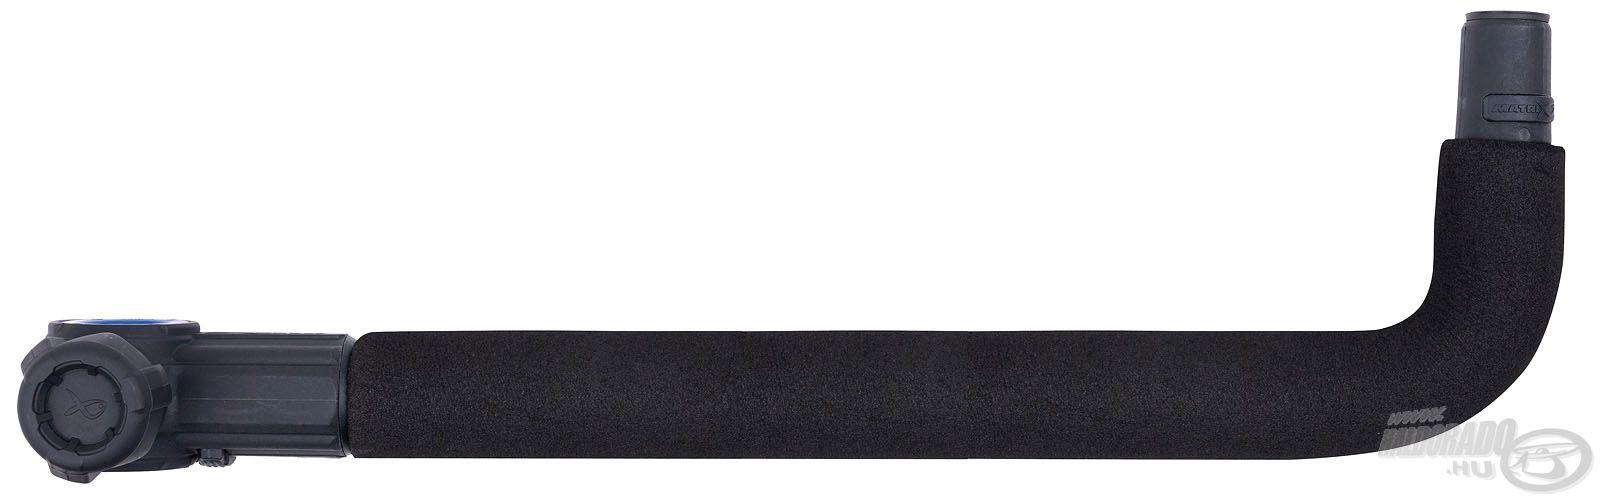 Klasszikus hajlított kar, szivacsos borítással. A hosszabb változat 44 cm...